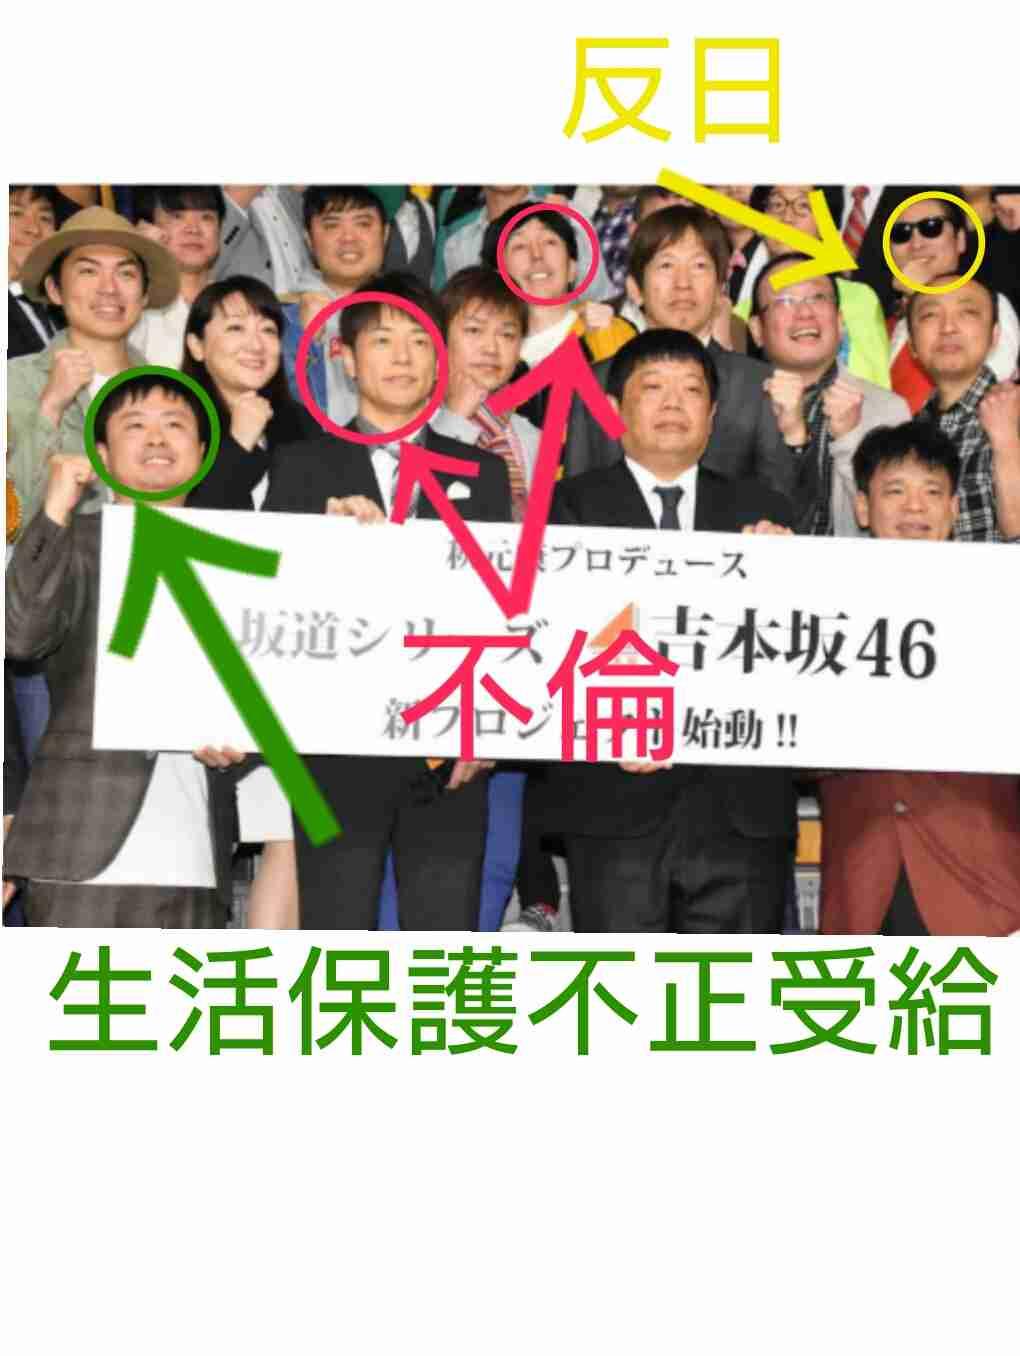 坂道シリーズ第3弾「吉本坂46」 秋元康氏「最強のグループを作りたい」